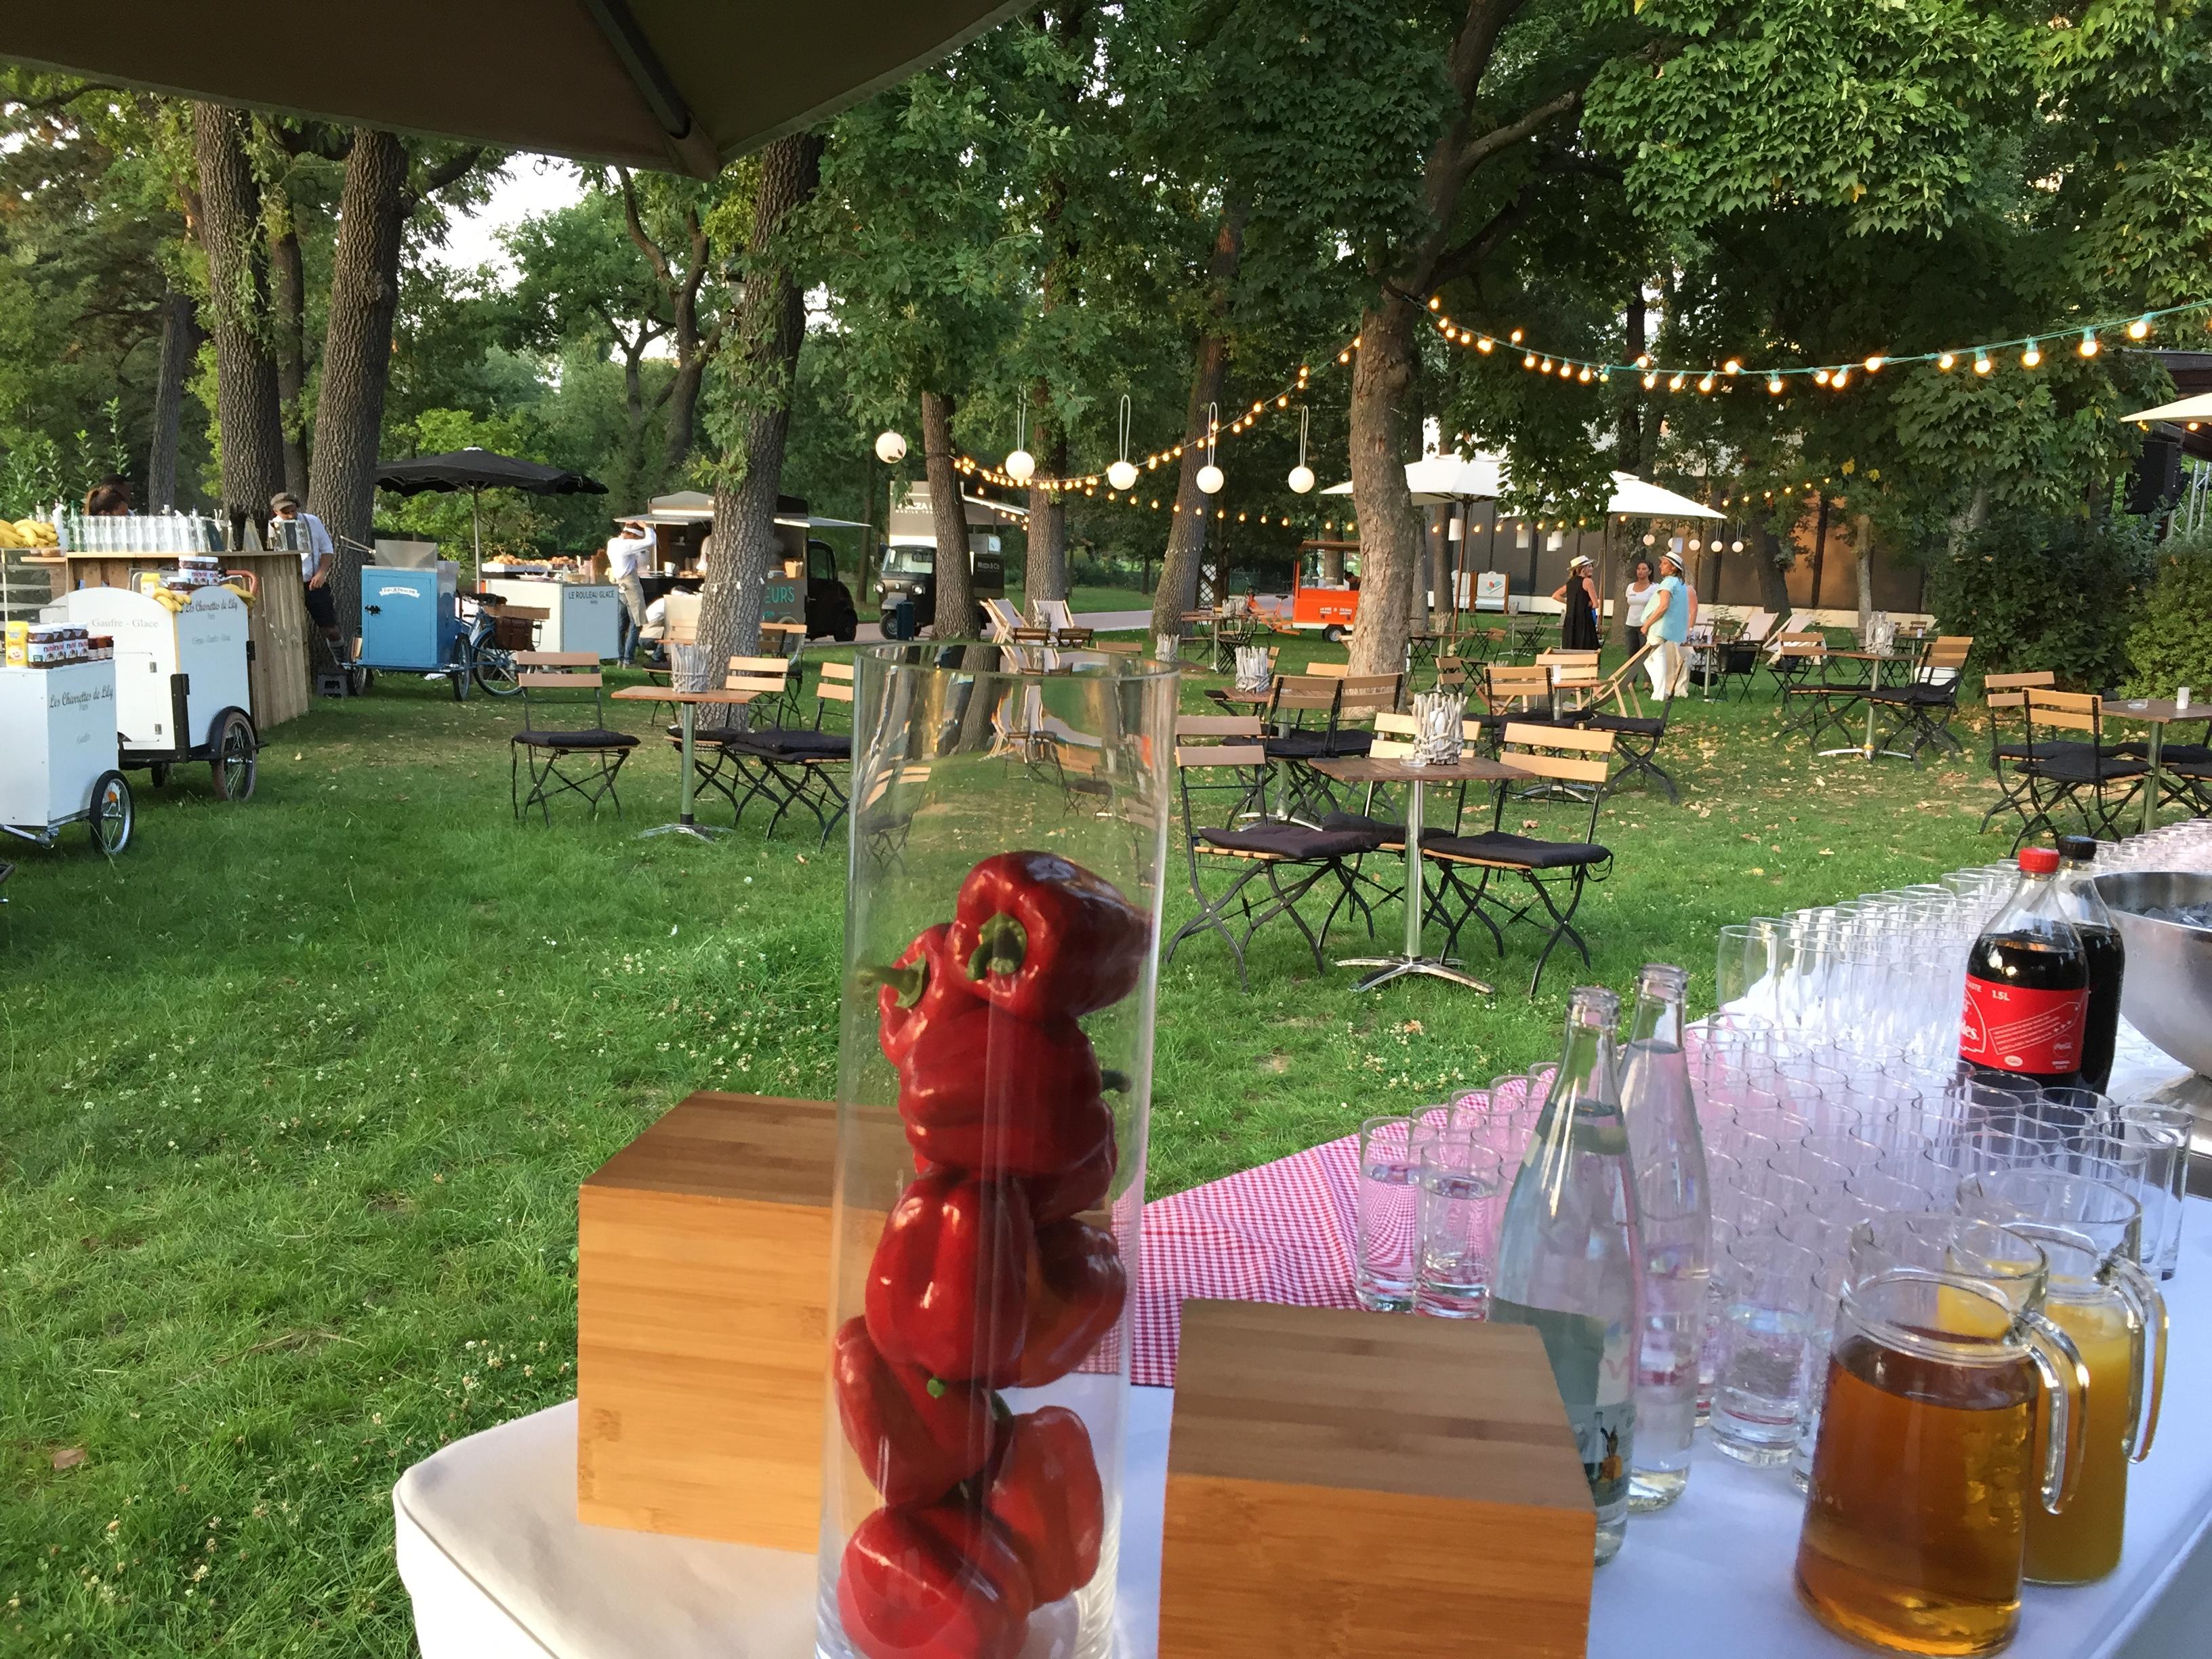 Organisation de soirees guinguette au jardin d'acclimatation par PREFERENCE EVENTS